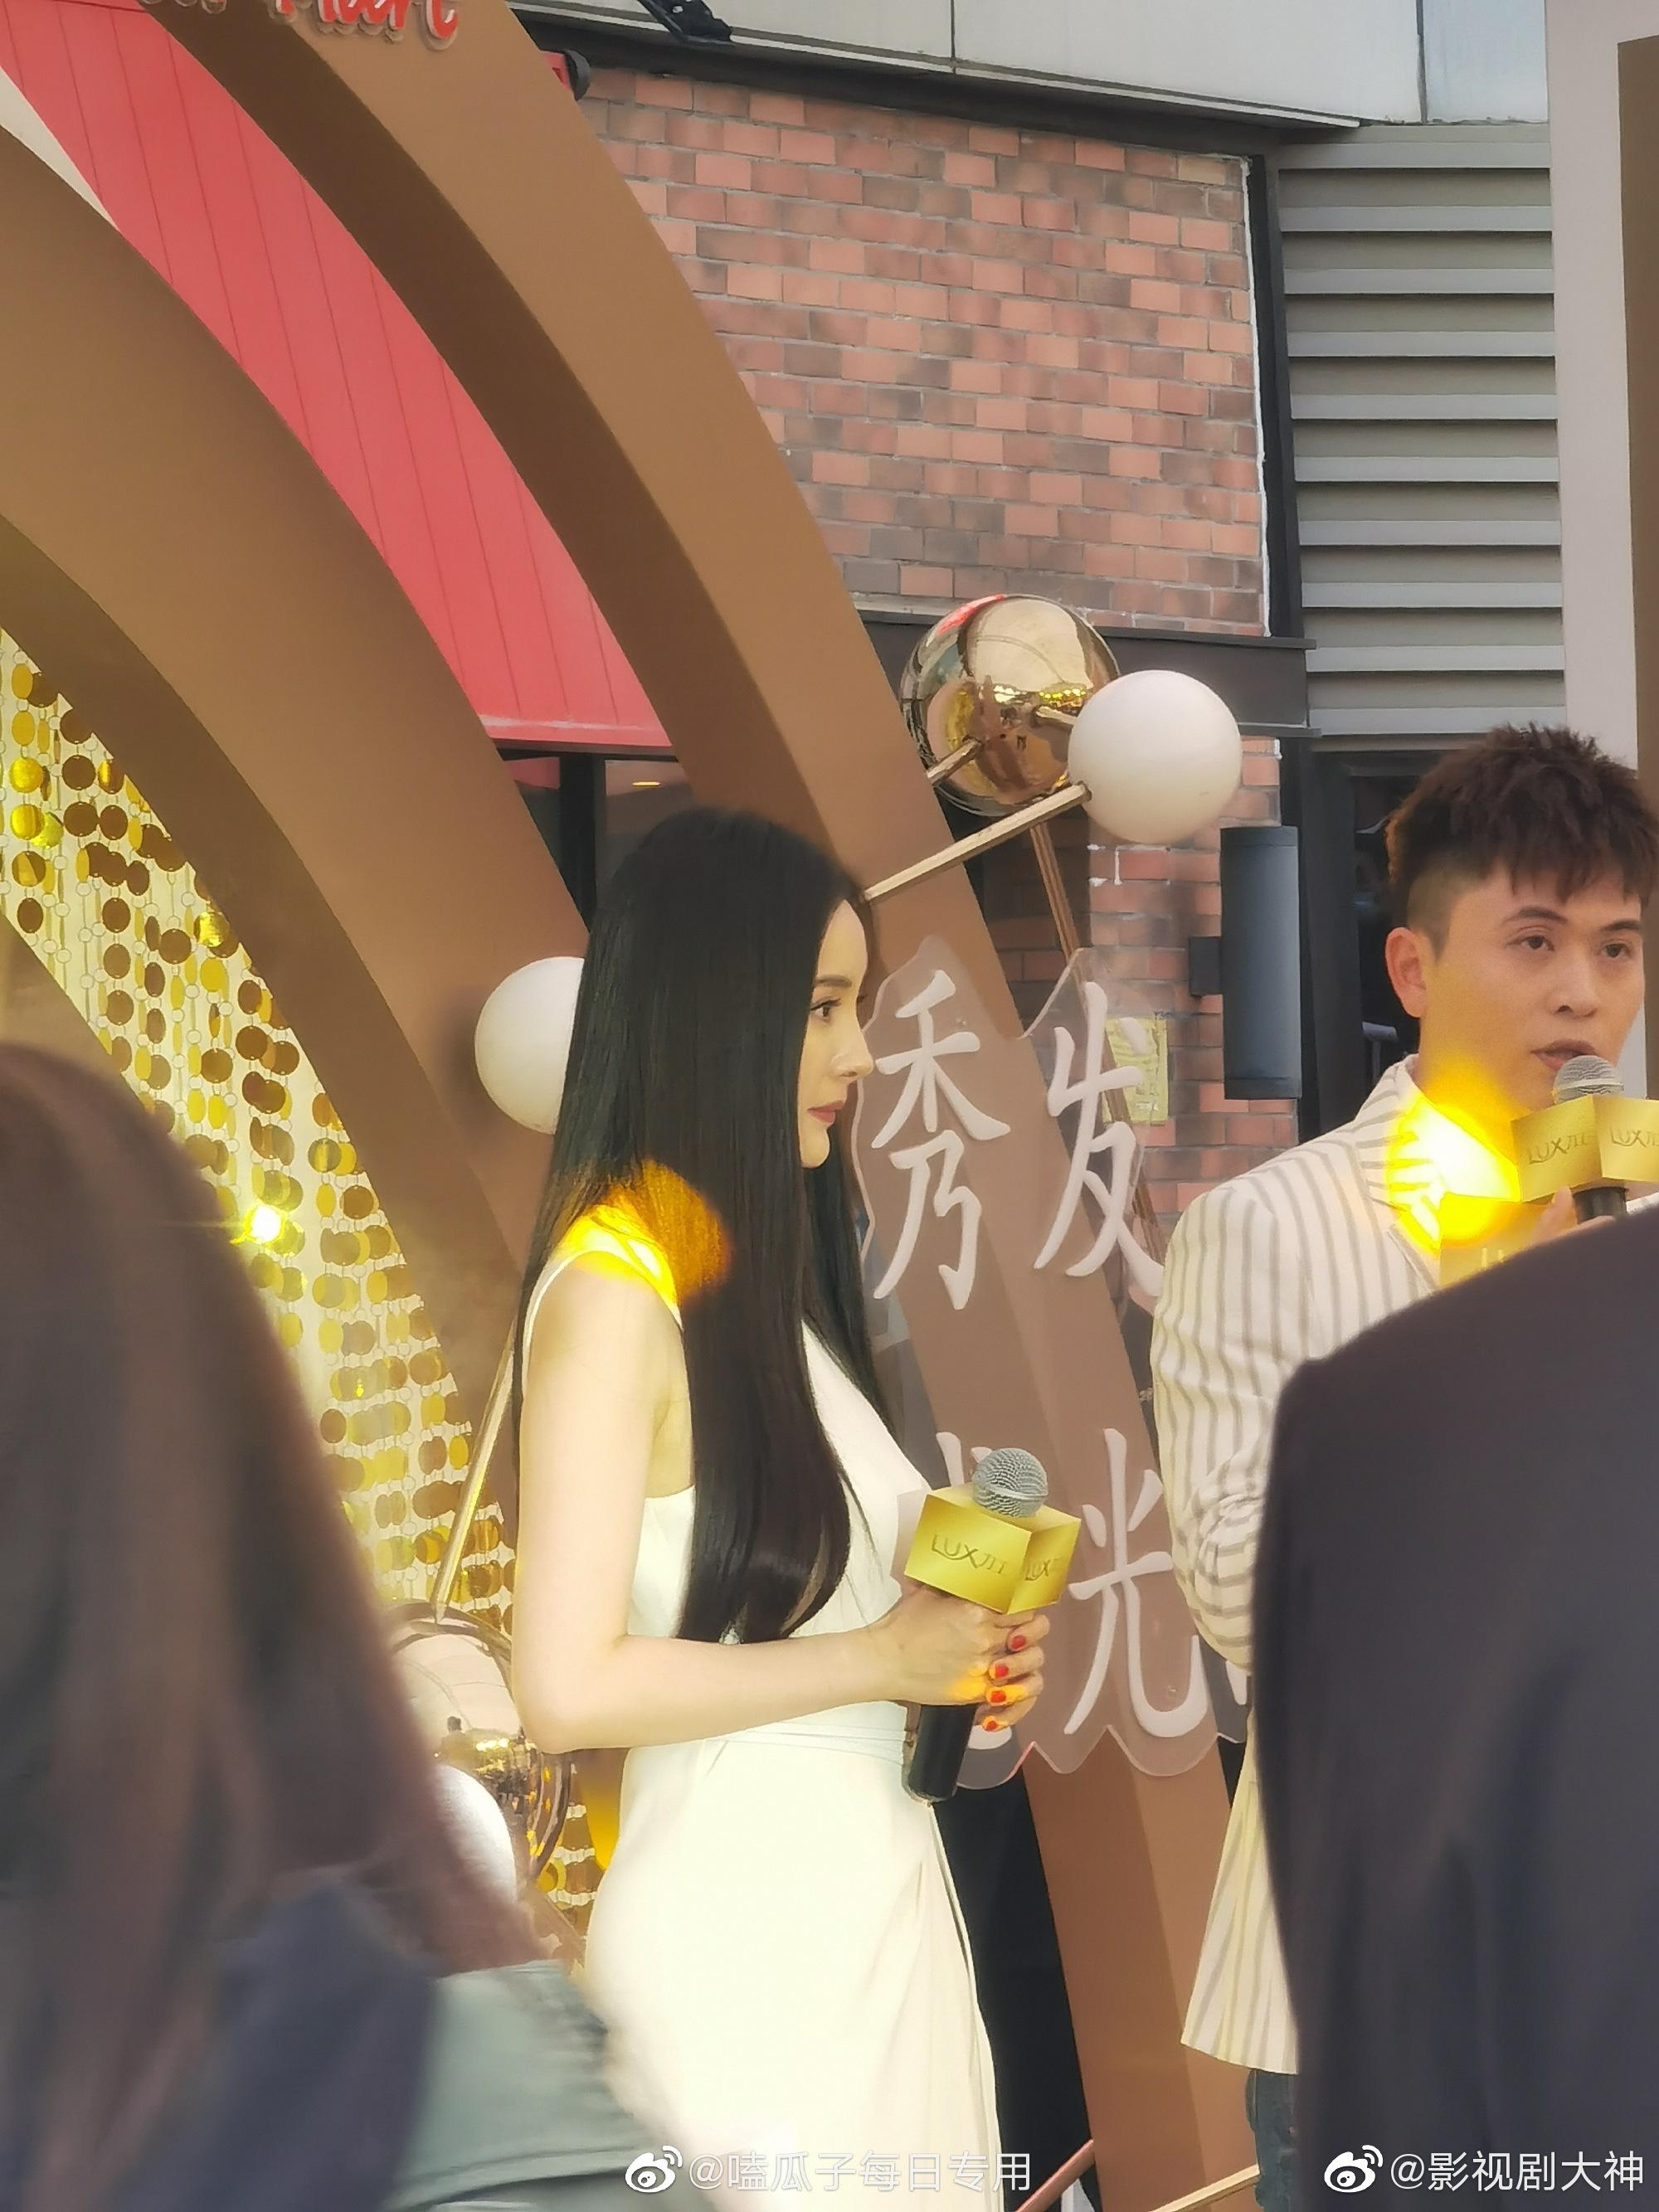 杨幂今天在上海参加活动路透生图,一袭白色长裙超仙的啊!